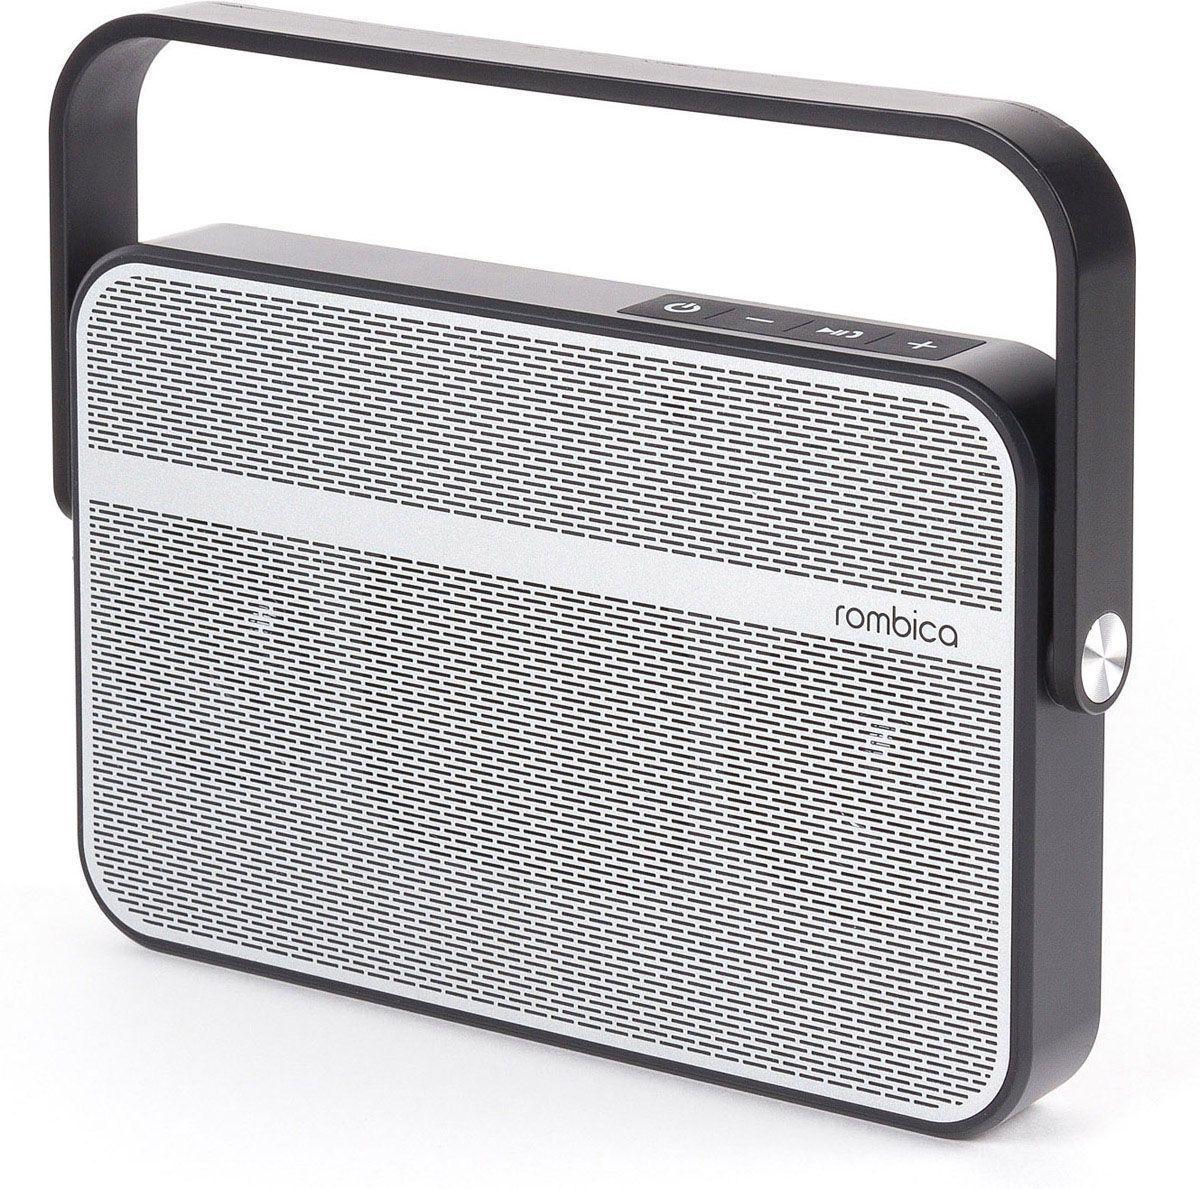 Rombica MySound BT-18, Gray Black портативная акустическая системаSBT-00180Аудиопроигрыватель Rombica MySound BT-18 совместим со всеми популярными устройствами с поддержкой Bluetooth, а также воспроизводит музыку через аудиовход. Встроенный сабвуфер дает глубокий и насыщенный бас. Удобная ручка поворачивается на 360 градусов. Емкий аккумулятор 2200 мАч обеспечивает долгую работу. Rombica MySound BT-18 имеет встроенный микрофон для приема звонков.Диаметр широкополосного динамика: 50 мм